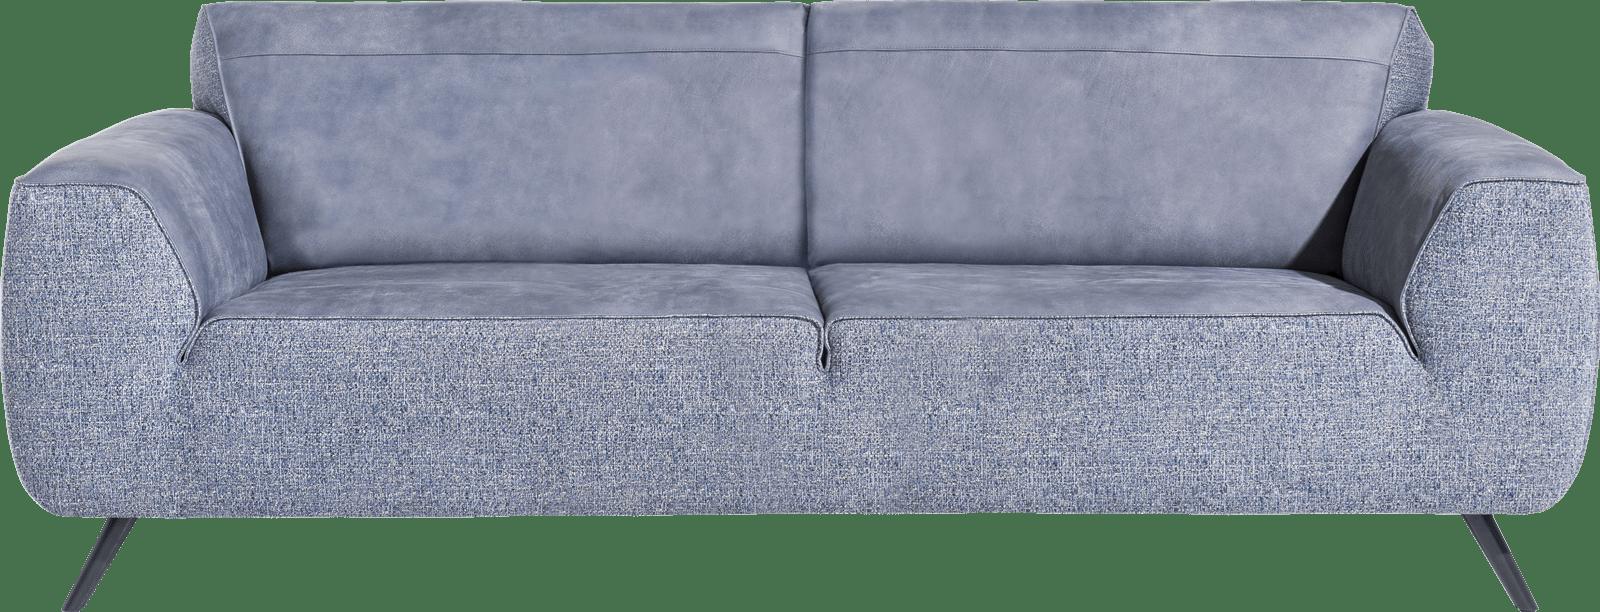 XOOON - Lima - Minimalistisches Design - Sofas - 3-sitzer